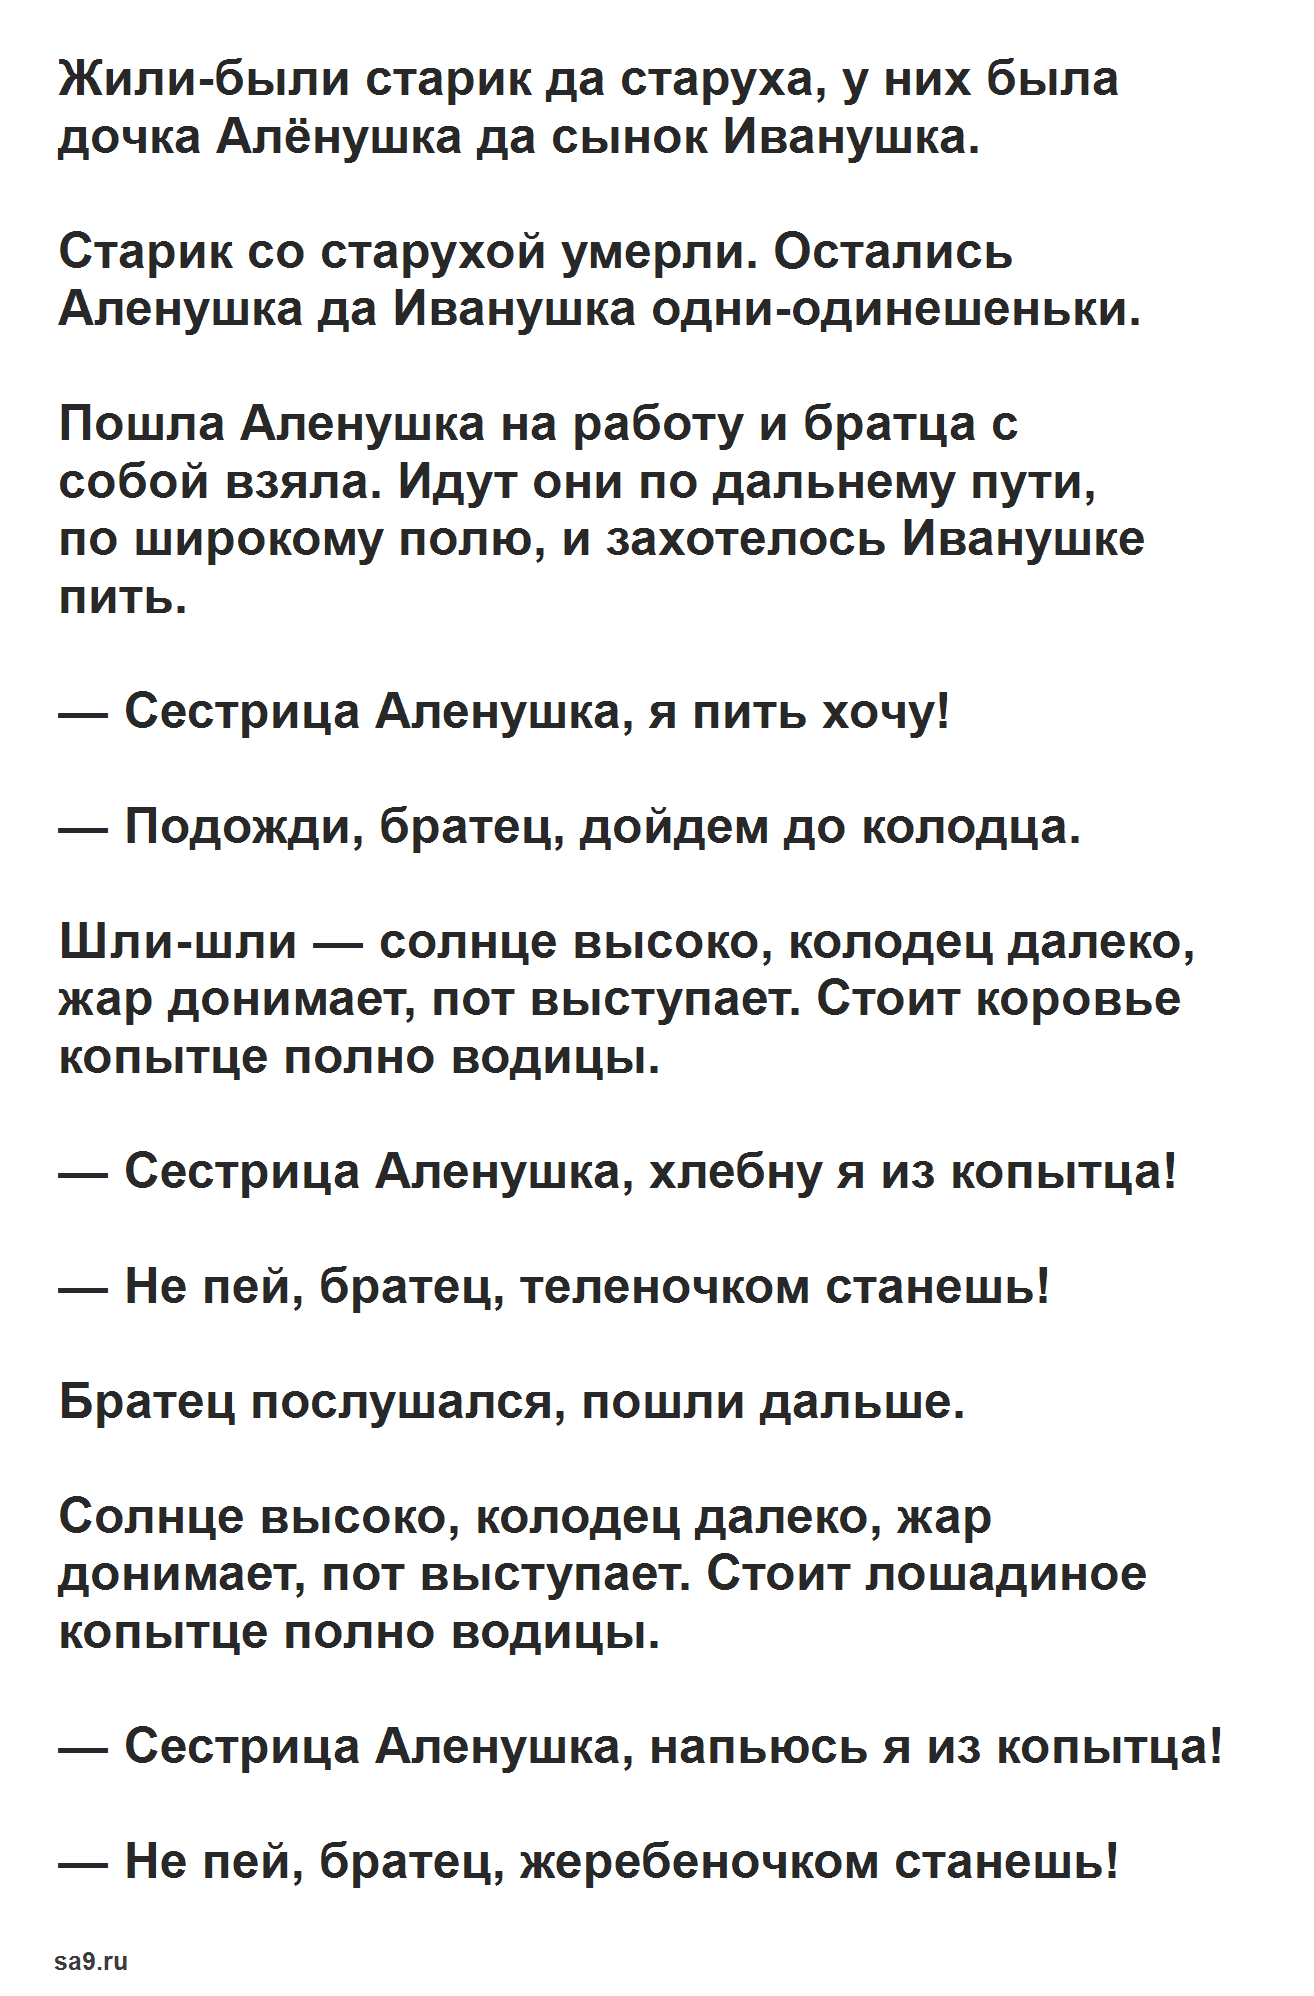 Сестрица Аленушка и братец Иванушка - русская народная сказка